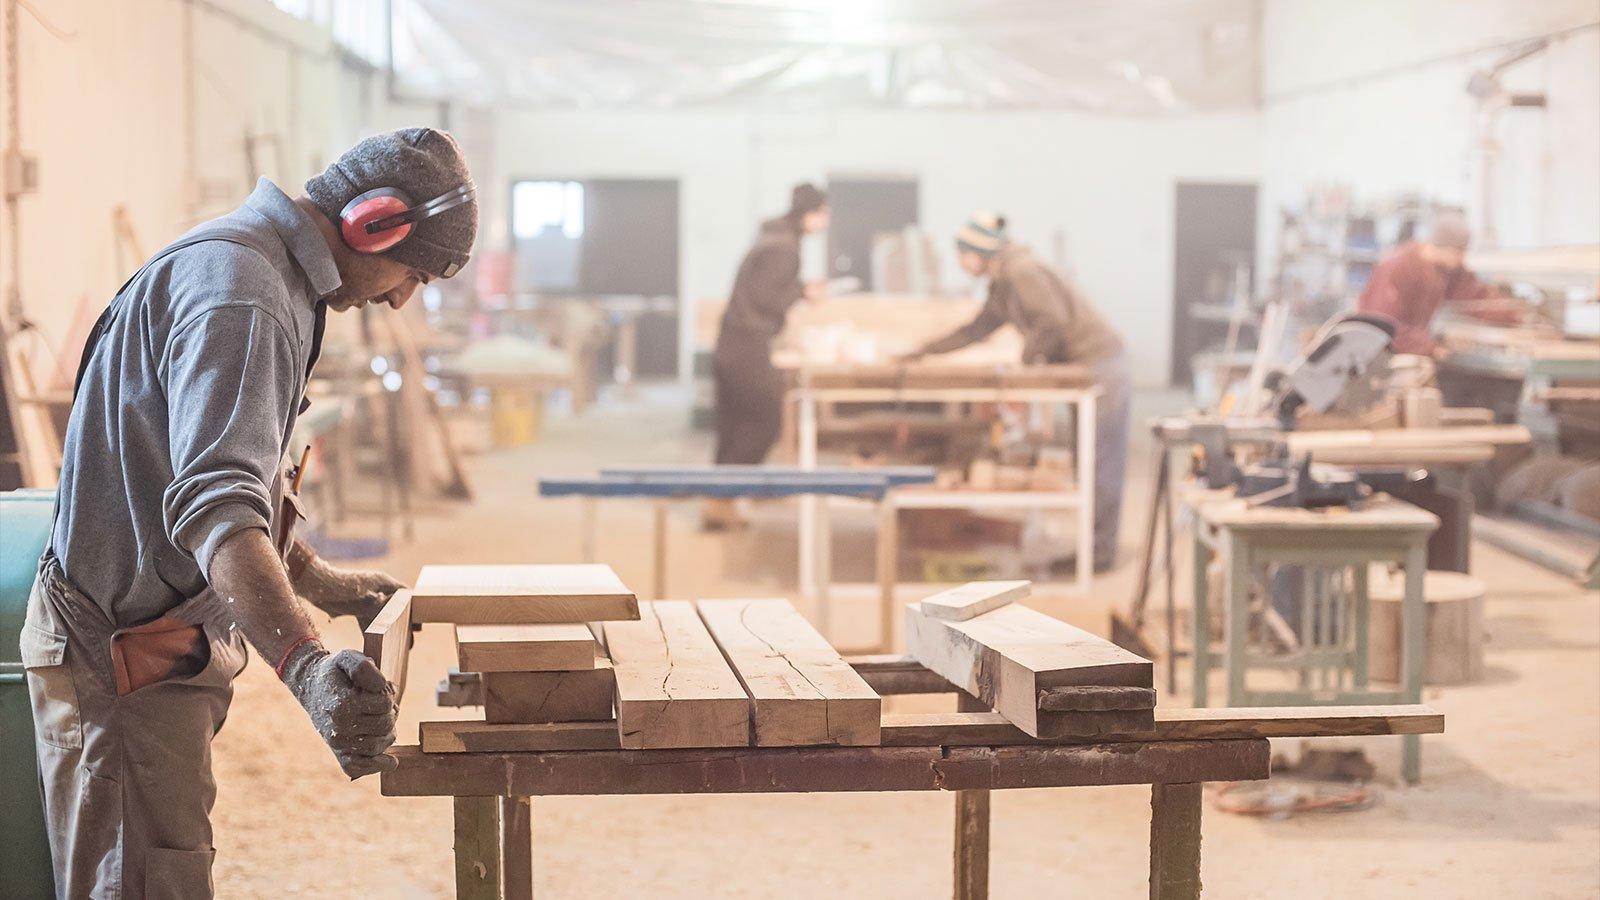 lavori falegname su tavola di legno in officina